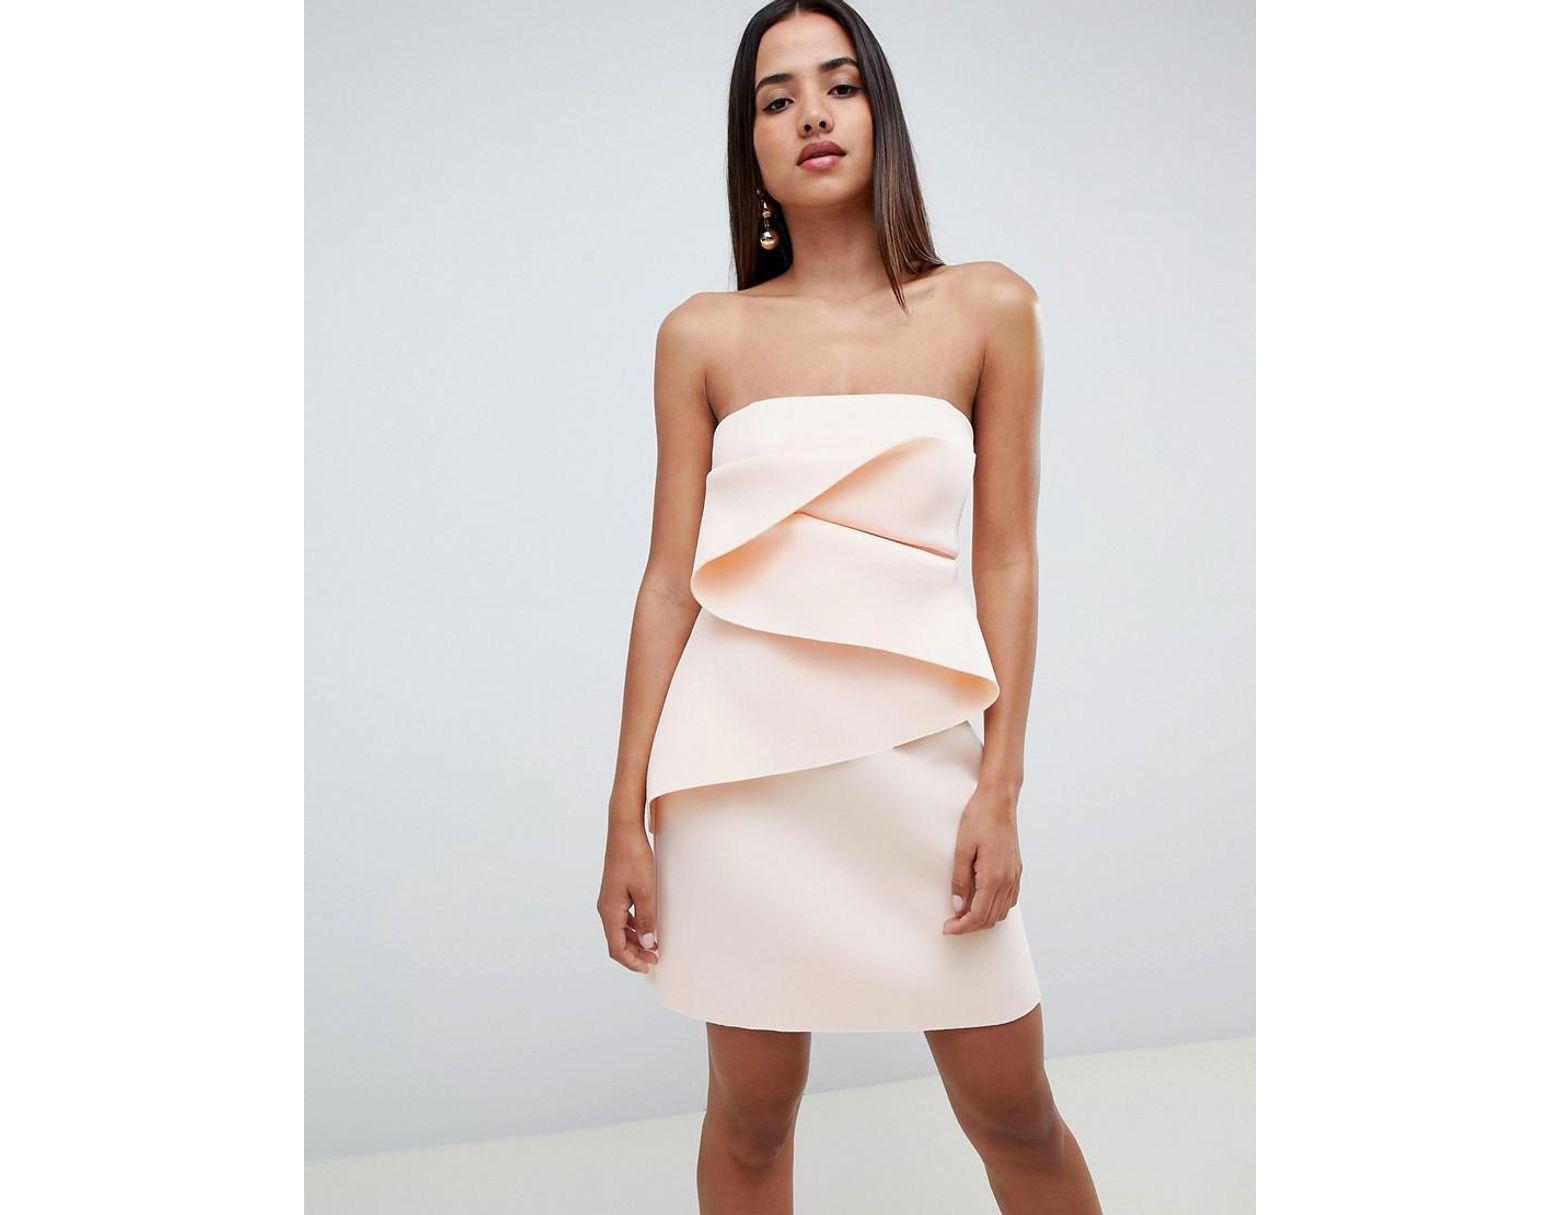 Blanc Femme Façon Plis Courte De Robe Tissée À Coloris Origami Droite Non 9eIYH2WED